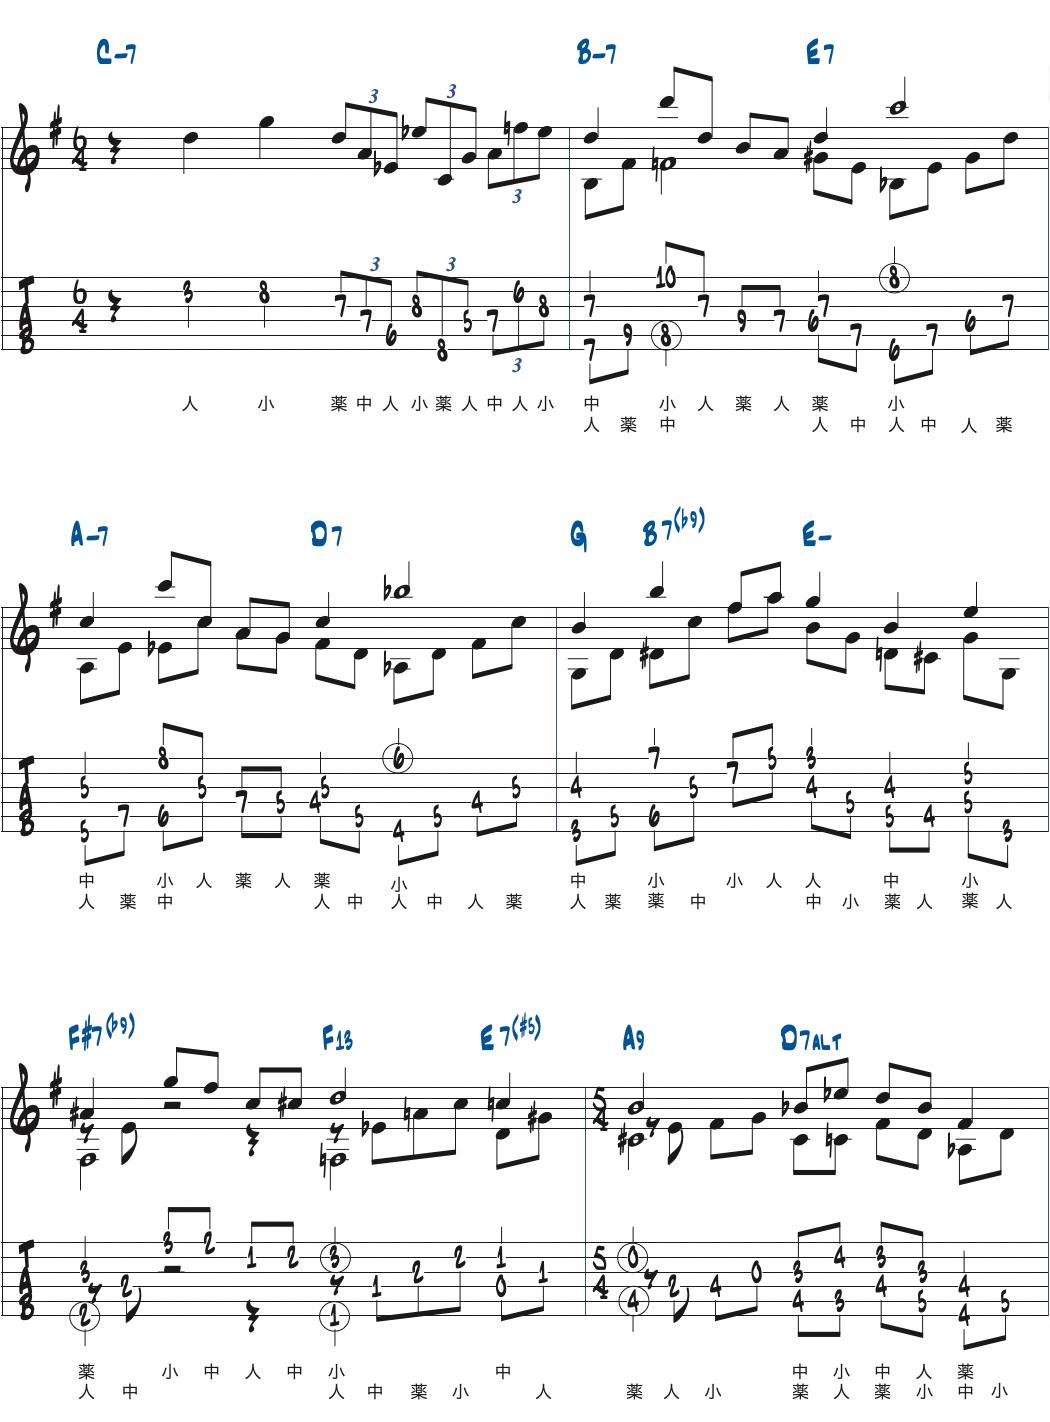 Jimmy Wybleエチュード2楽譜ページ1